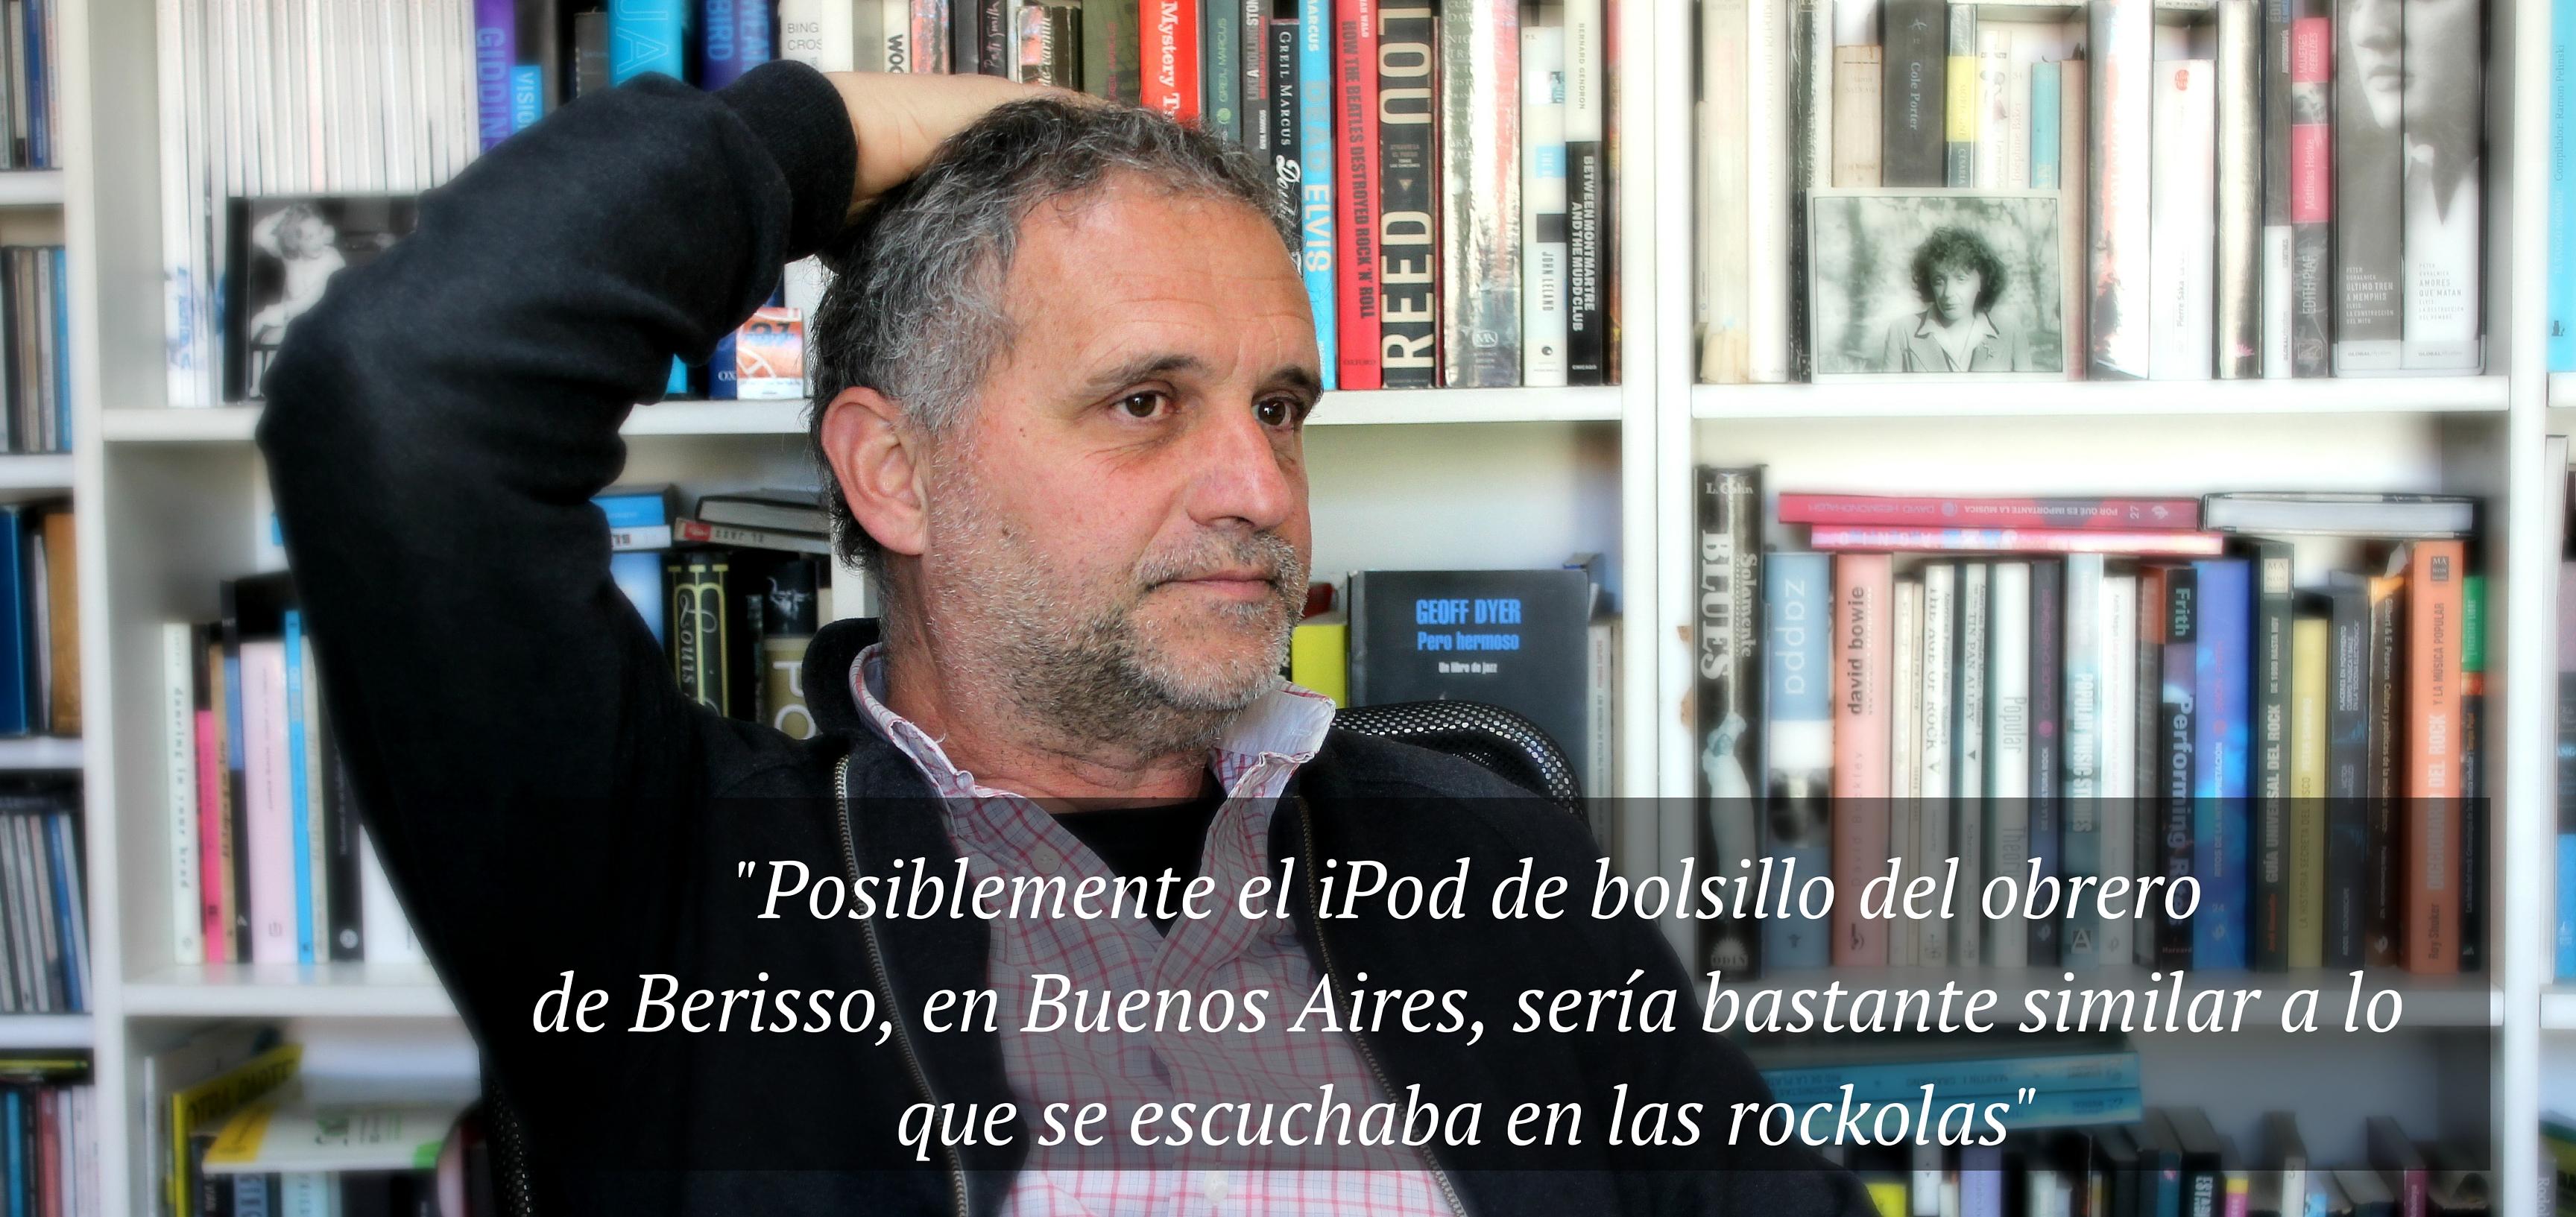 -Posiblemente el iPod de bolsillo del obrero de Berisso, en Buenos Aires, sería bastante similar a lo que se escuchaba en las rockolas-